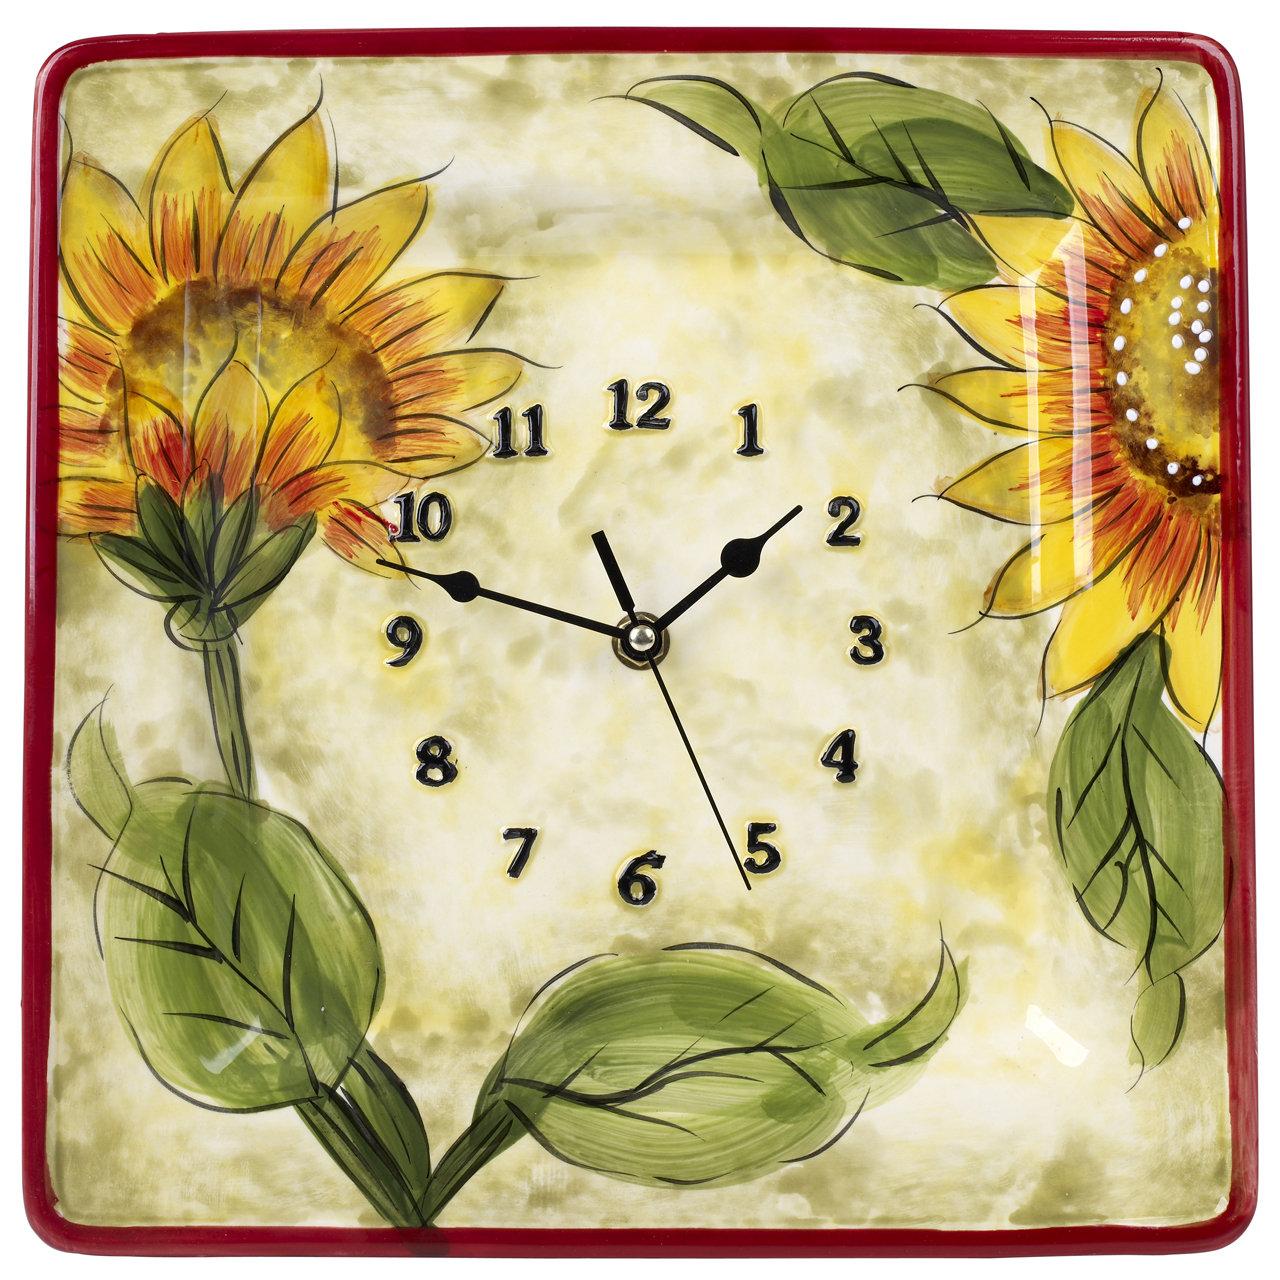 Fleur De Lis Living Ceramic Sunflower Décor Wall Clock & Reviews ...